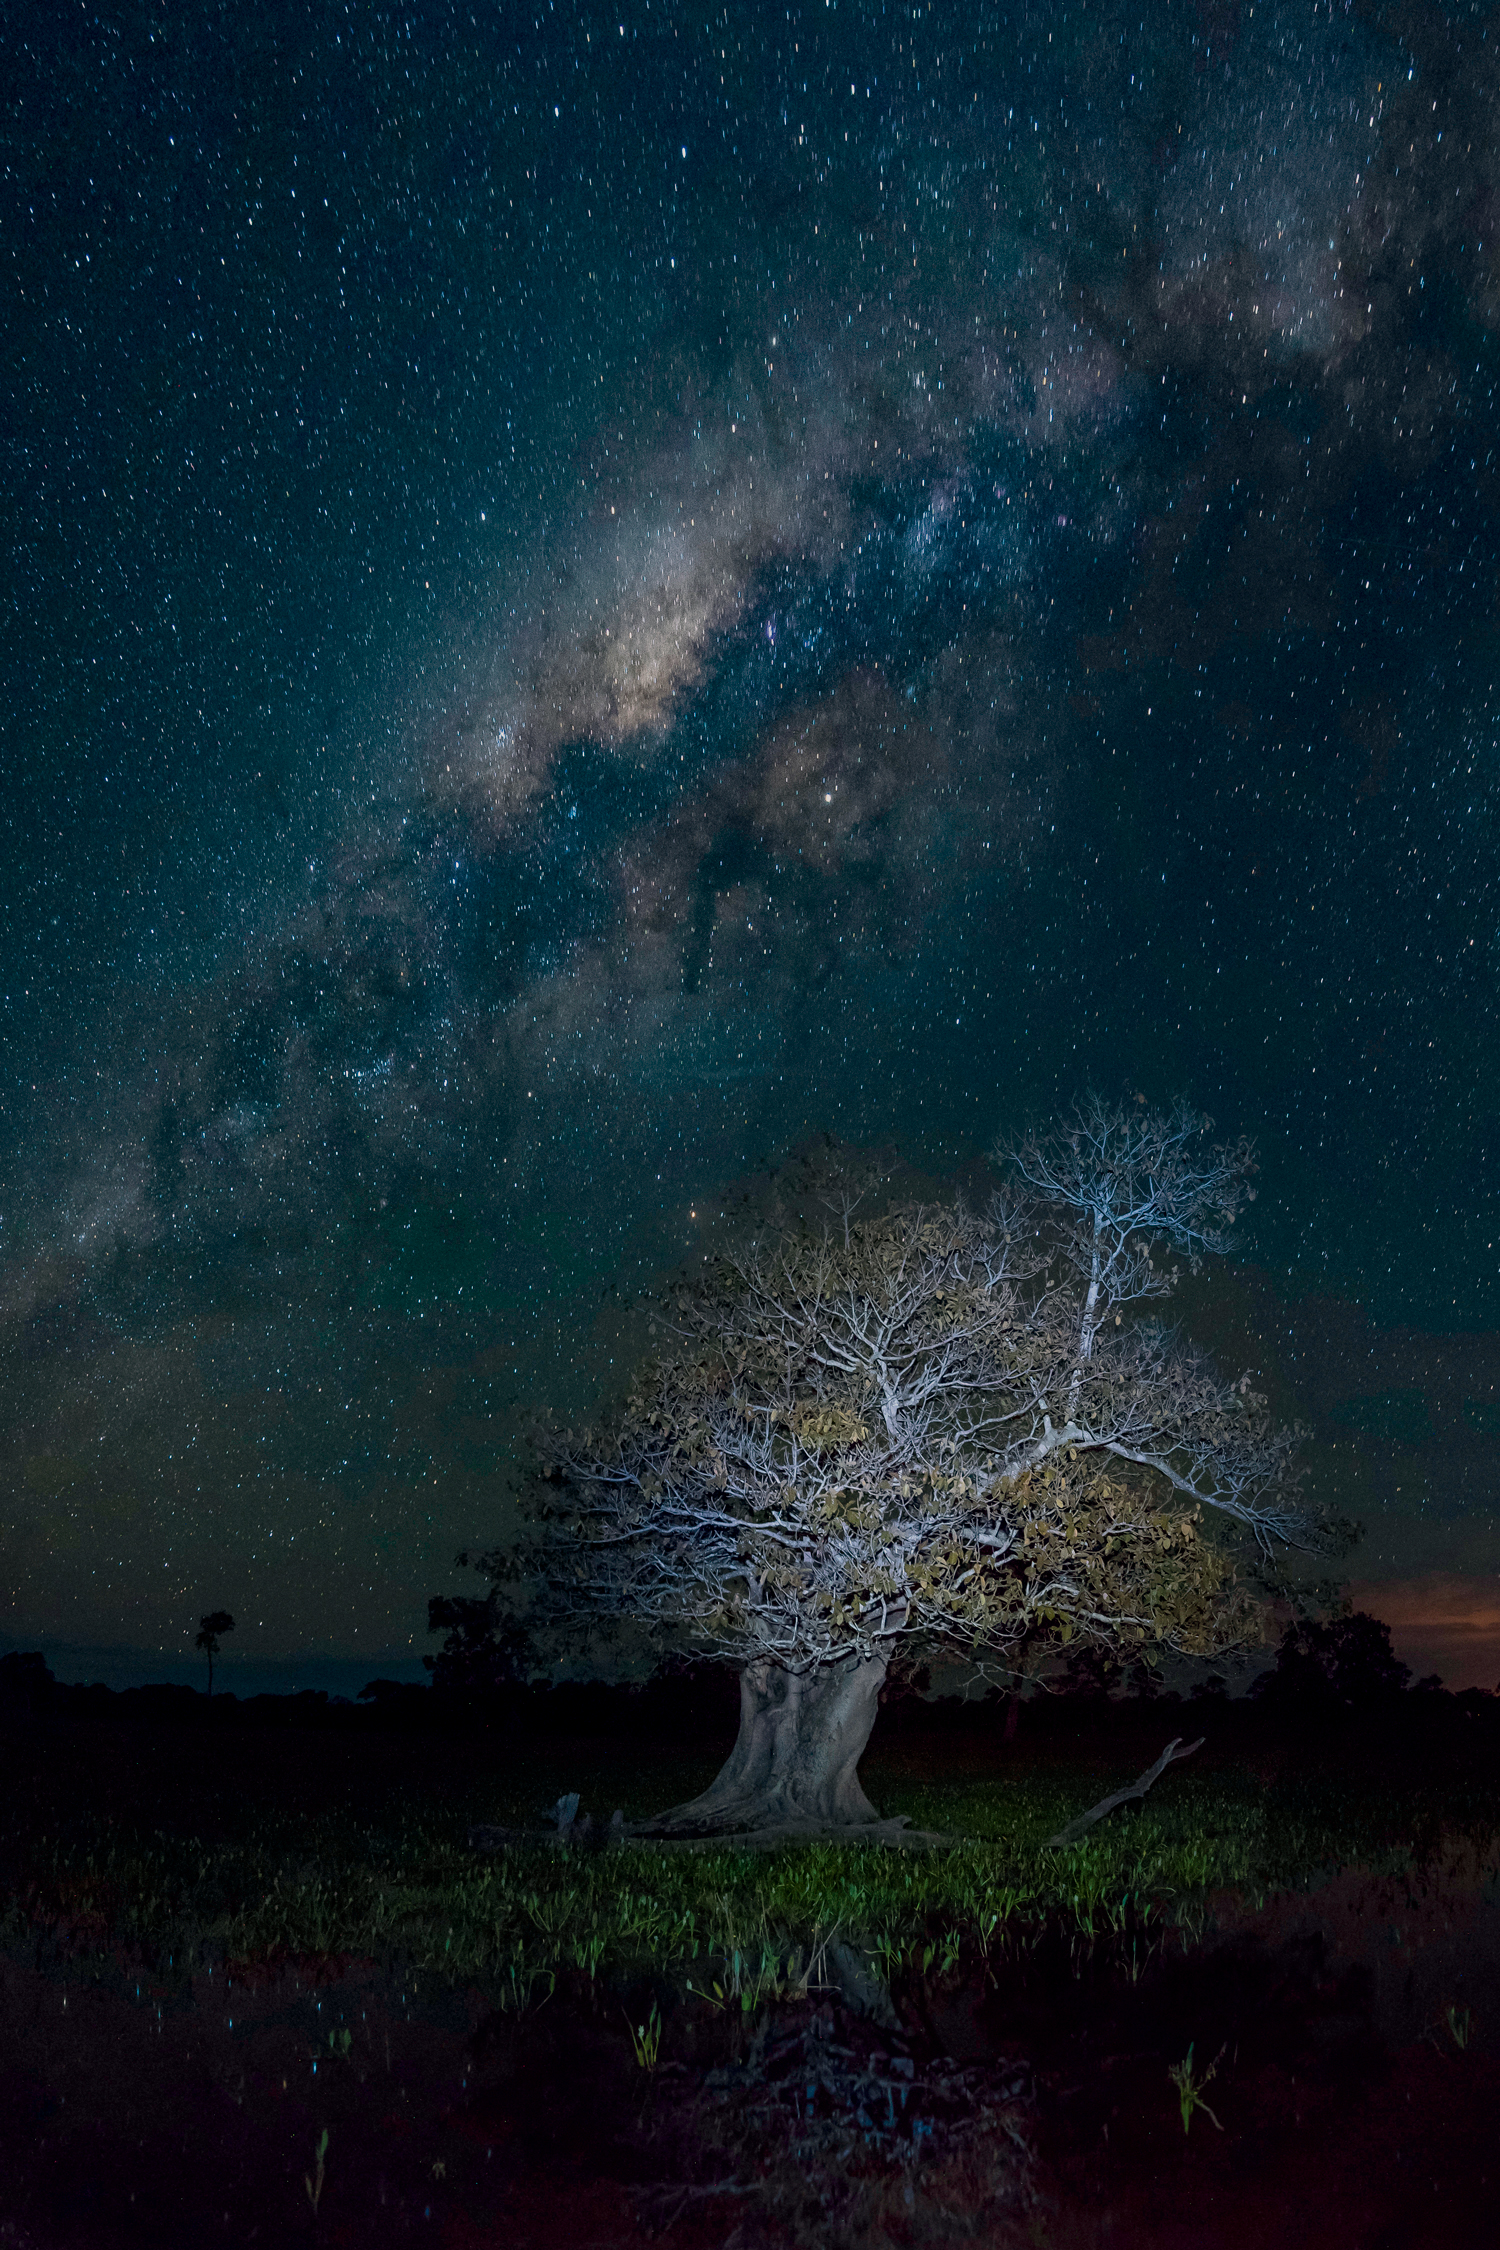 Pantanal: Figueira e céu estrelado, lagoa Piuval à noite, Pantanal em Poconé – Mato Grosso